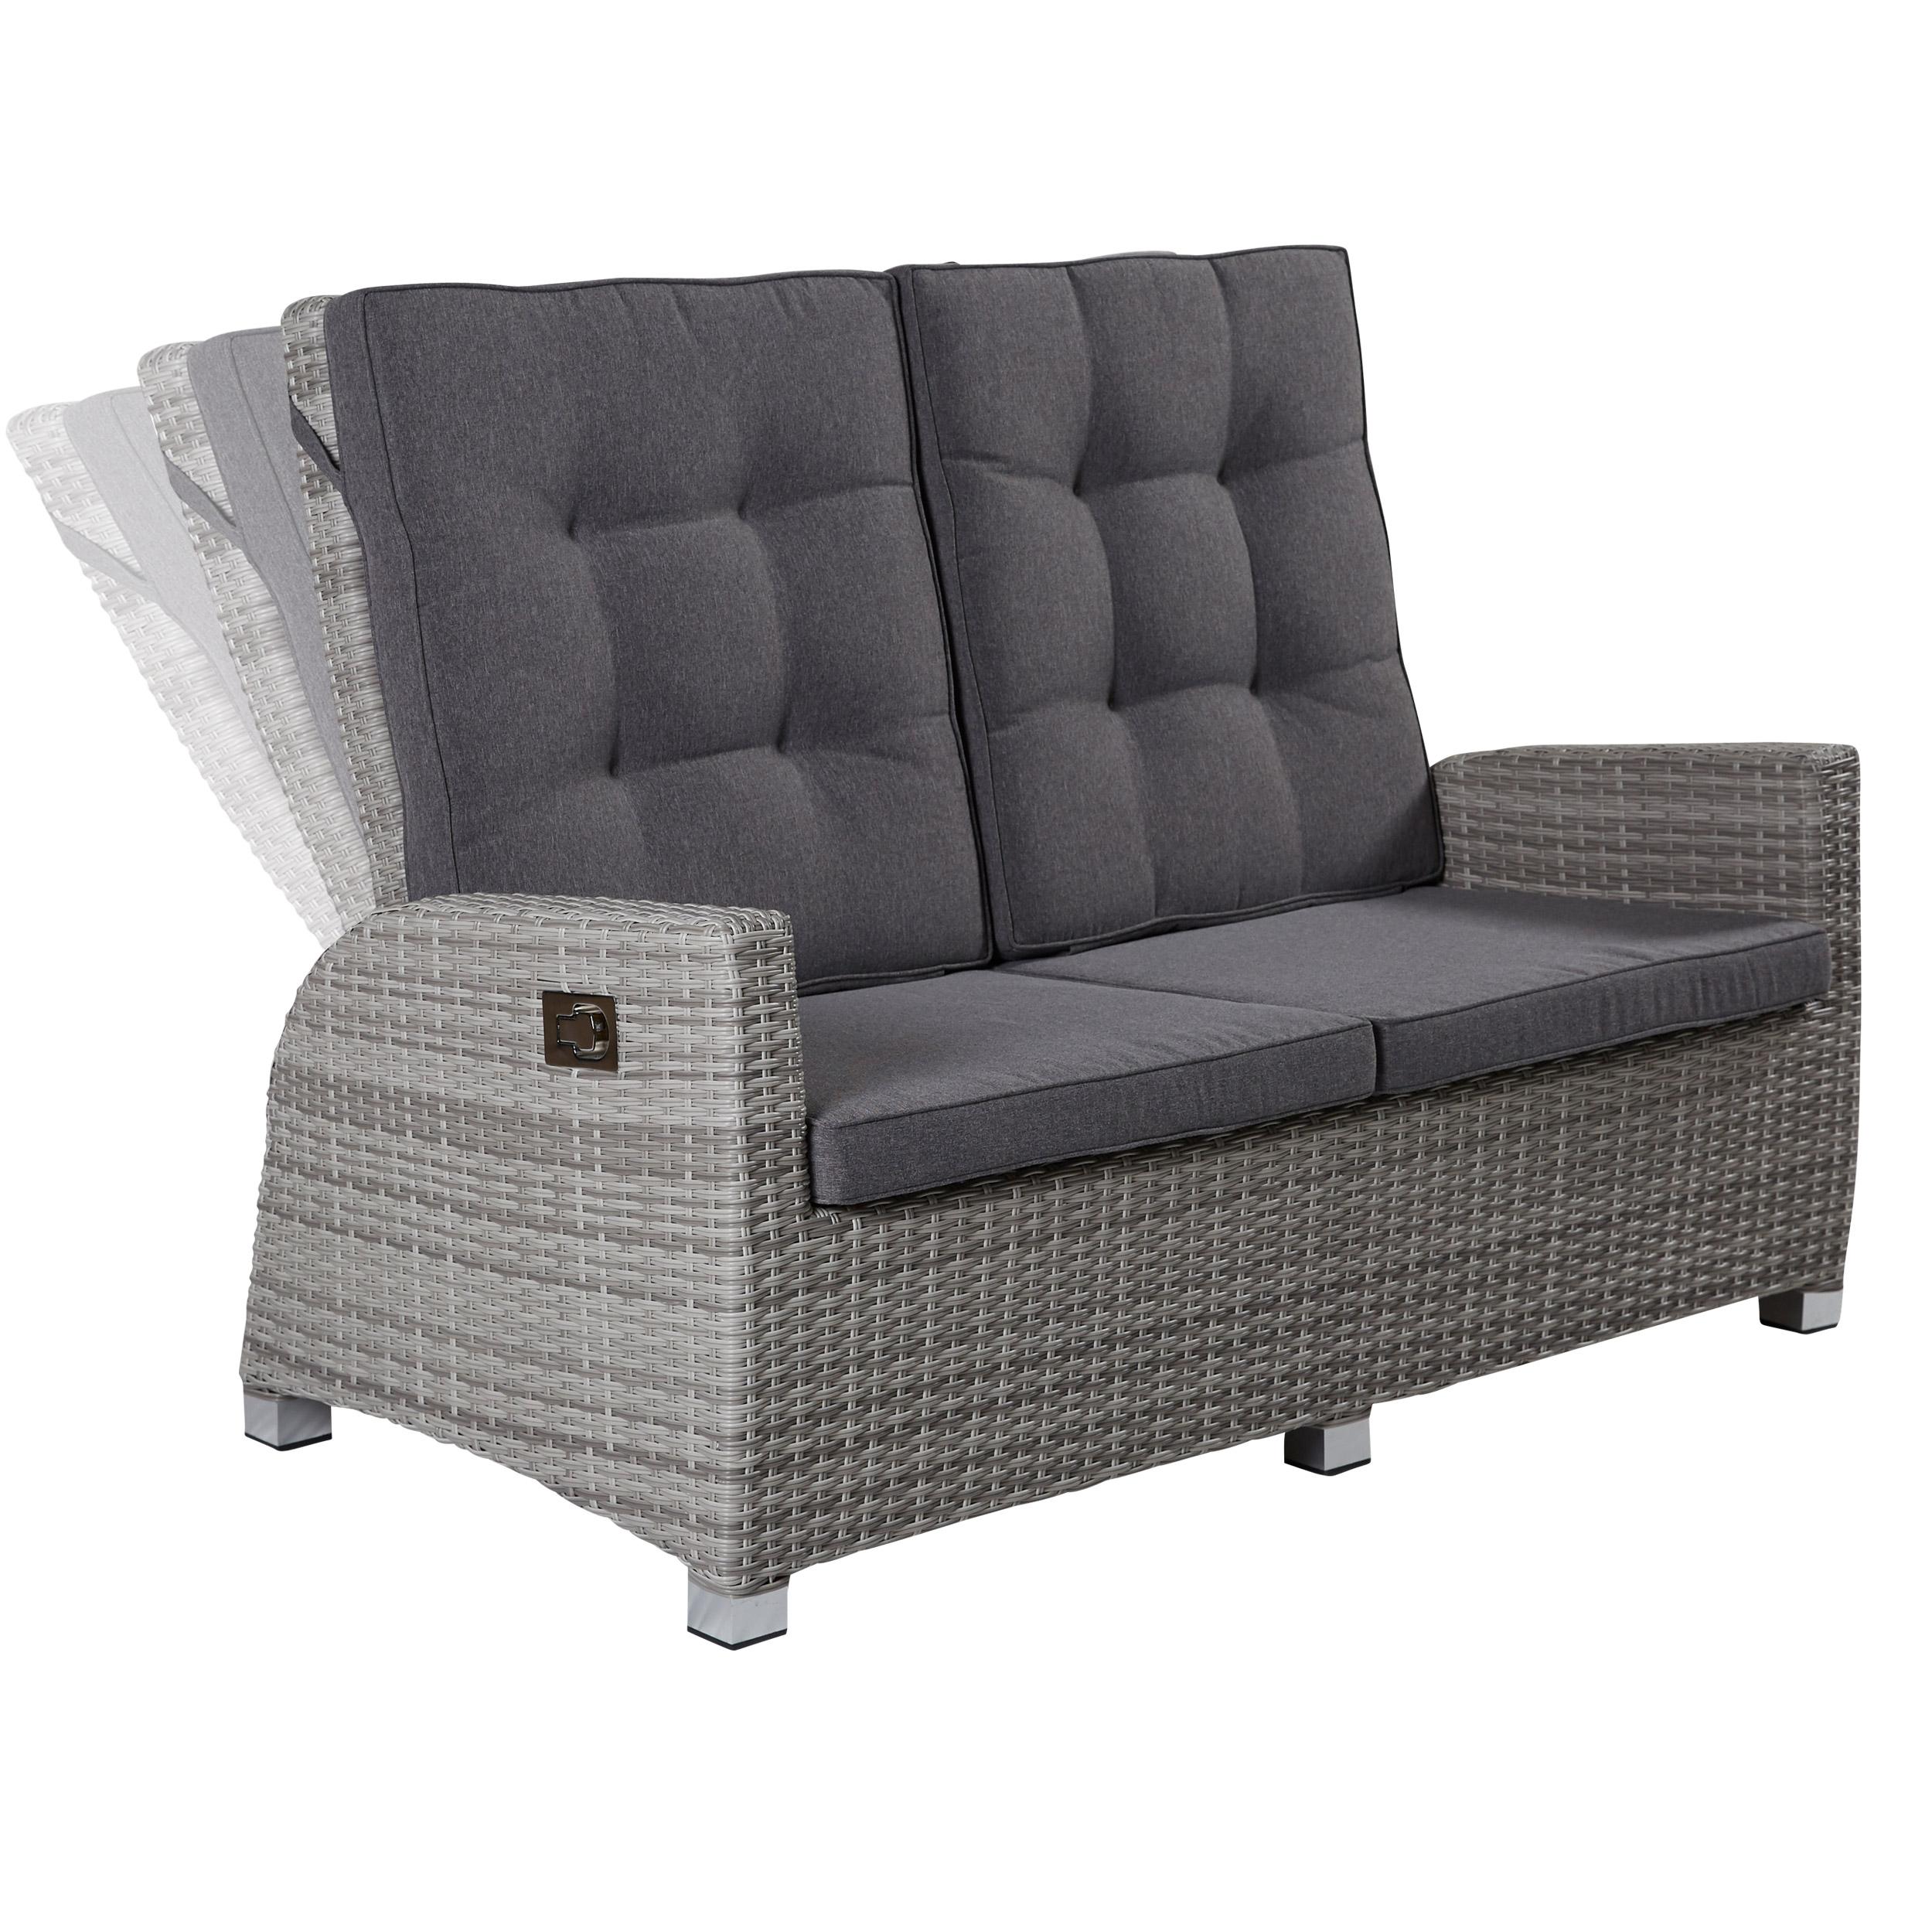 Full Size of Zweisitzer Sofa Sitzhöhe 55 Cm 2 5 Sitzer überwurf Indomo Microfaser Koinor Bezug Baxter Patchwork 2er Grau Echtleder Ikea Mit Schlaffunktion Big Braun Sofa Zweisitzer Sofa